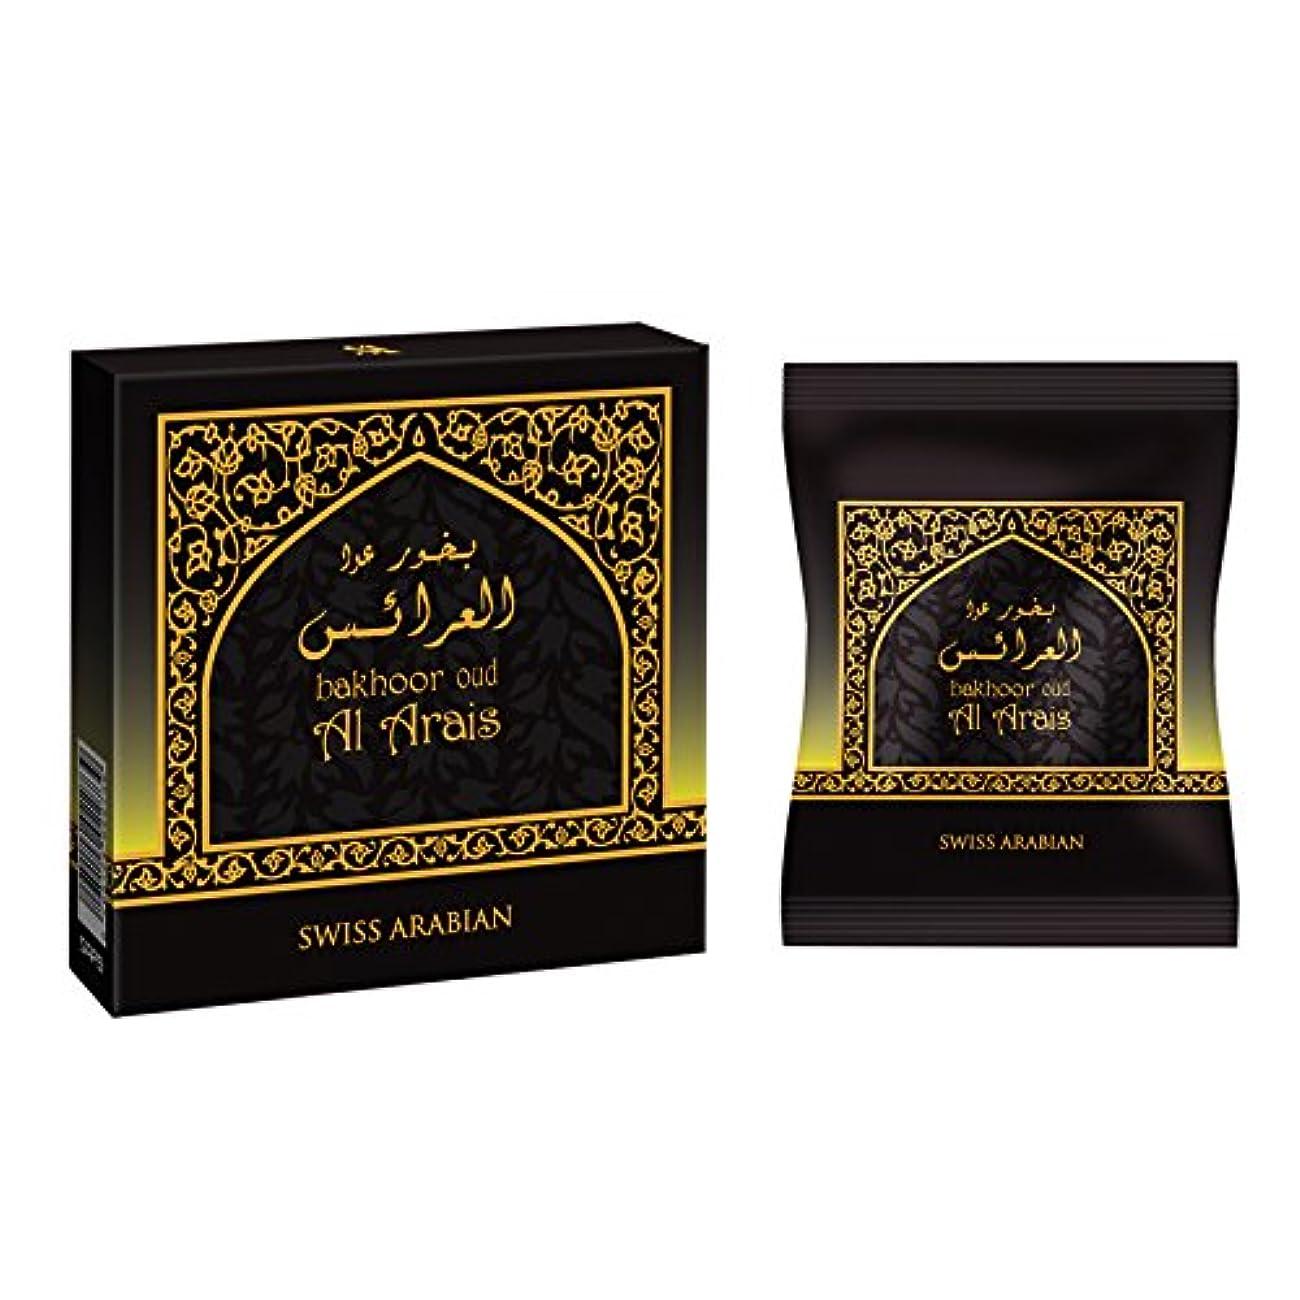 休暇ライトニング殺人swissarabian Oud Al Arais Bakhoor (40g) Incense